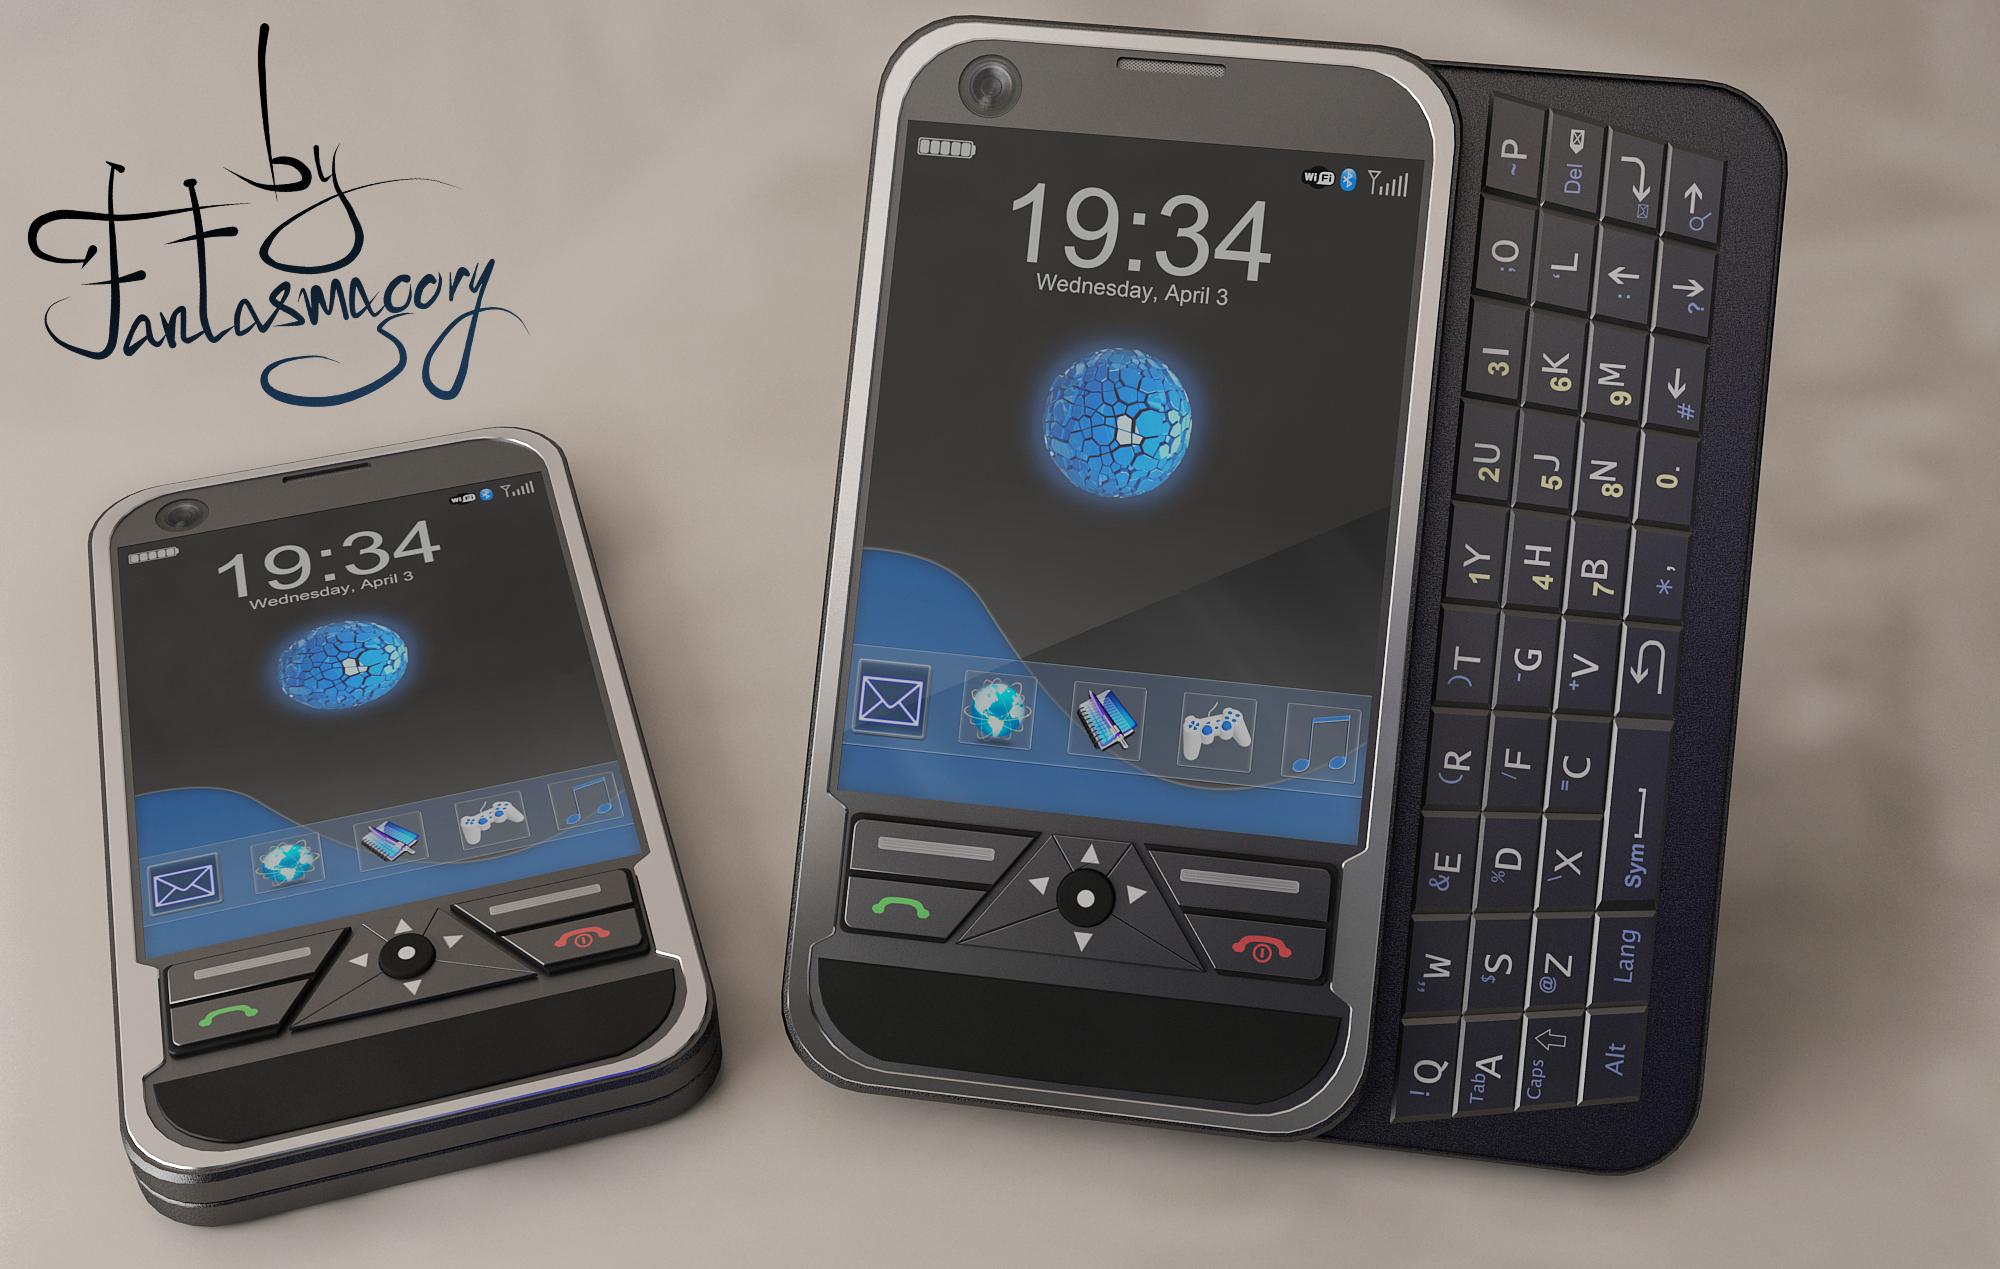 Нужен дизайн мобильного телефона фото f_349515c45a203a6d.jpg